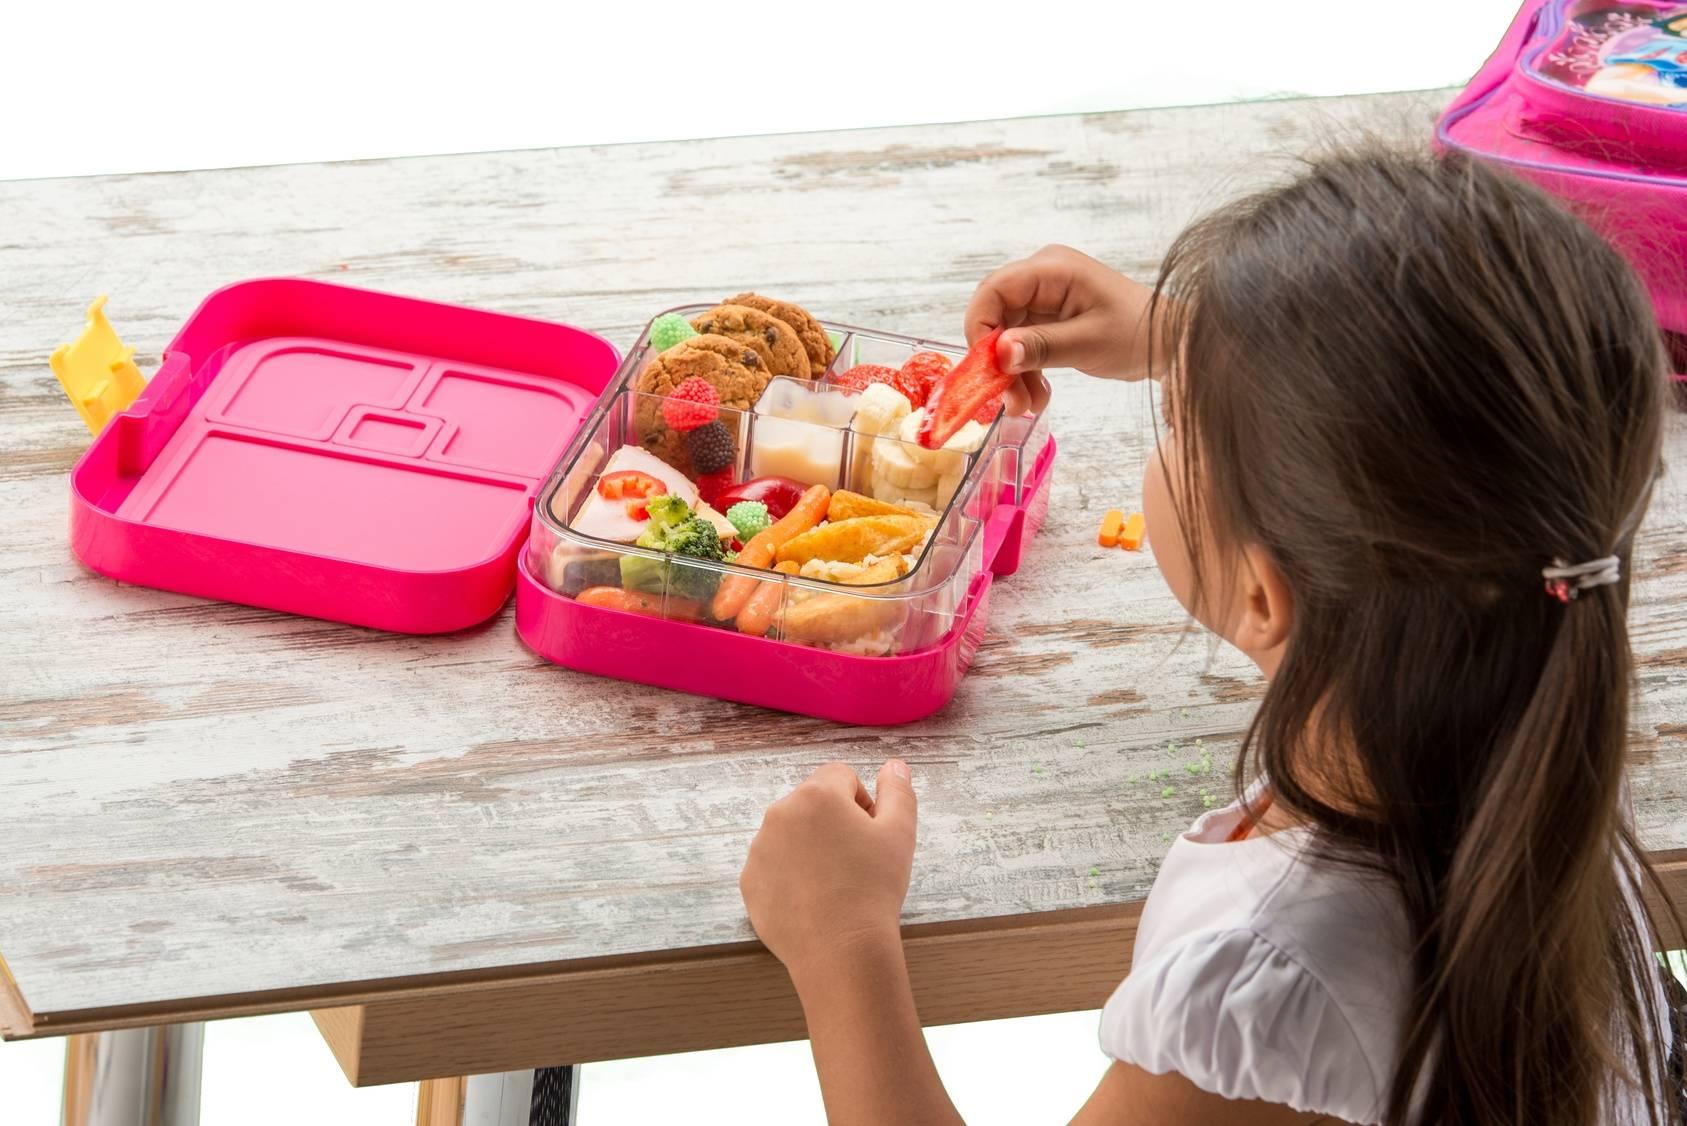 Dieta dla aktywnego dziecka - jak powinien wyglądać przykładowy jadłospis dla trenującego dziecka.